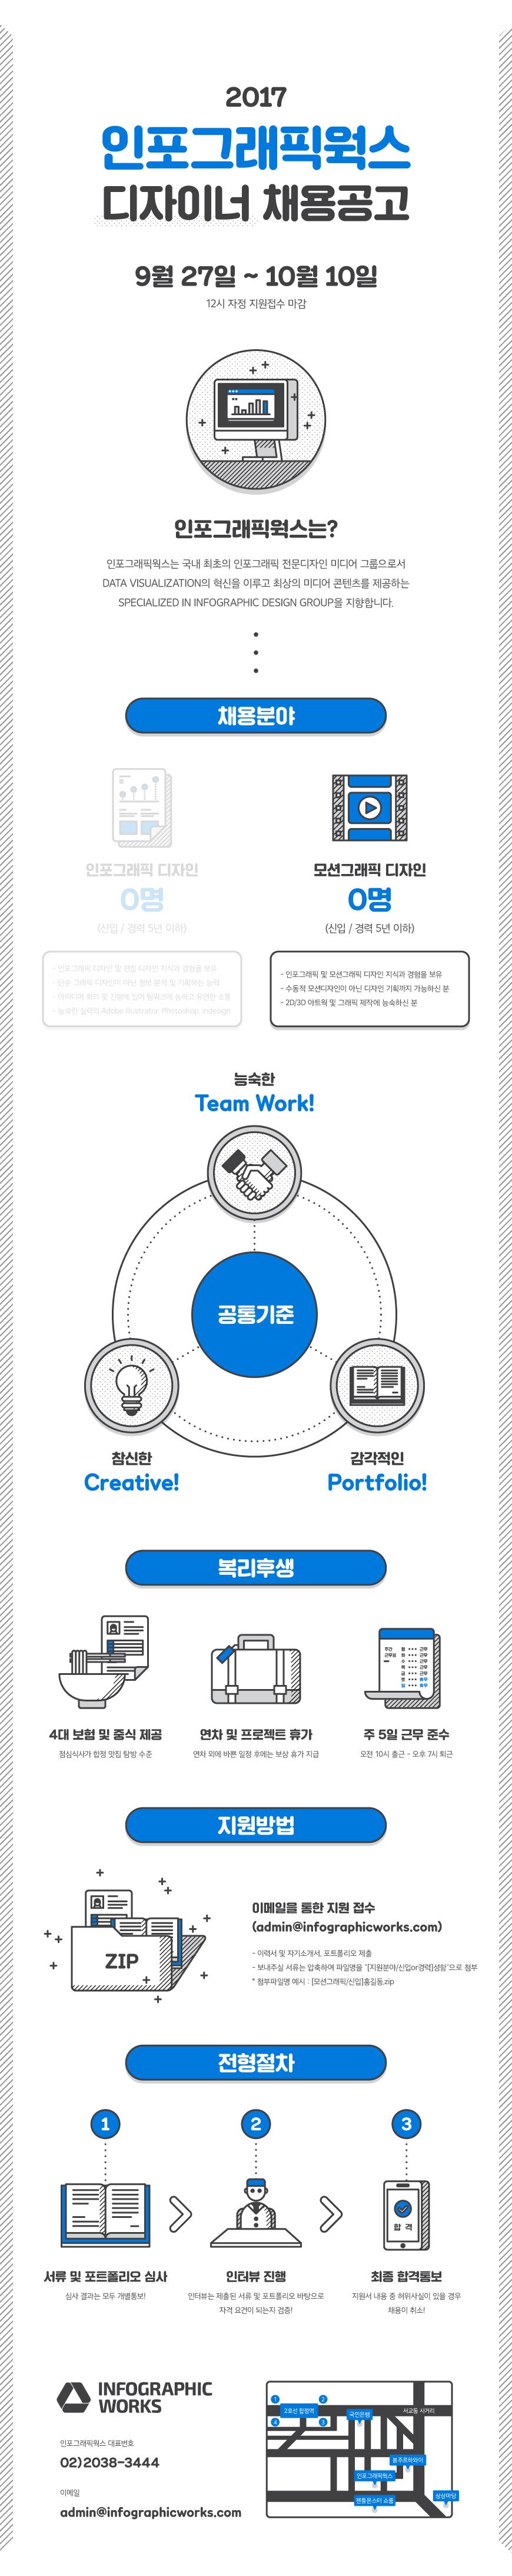 2017_채용공고